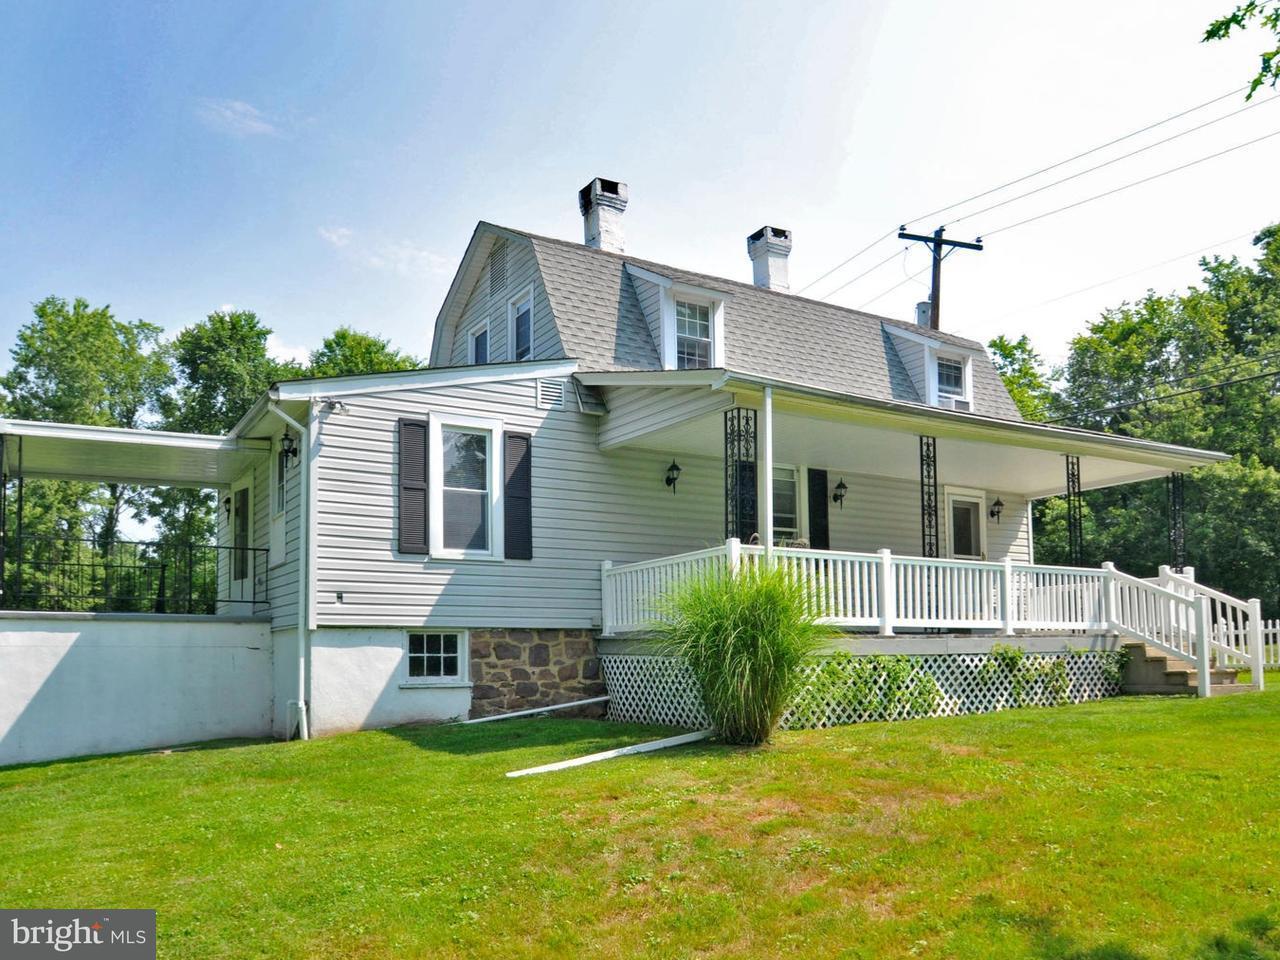 一戸建て のために 賃貸 アット 941 LIMEKILN PIKE Ambler, ペンシルベニア 19002 アメリカ合衆国